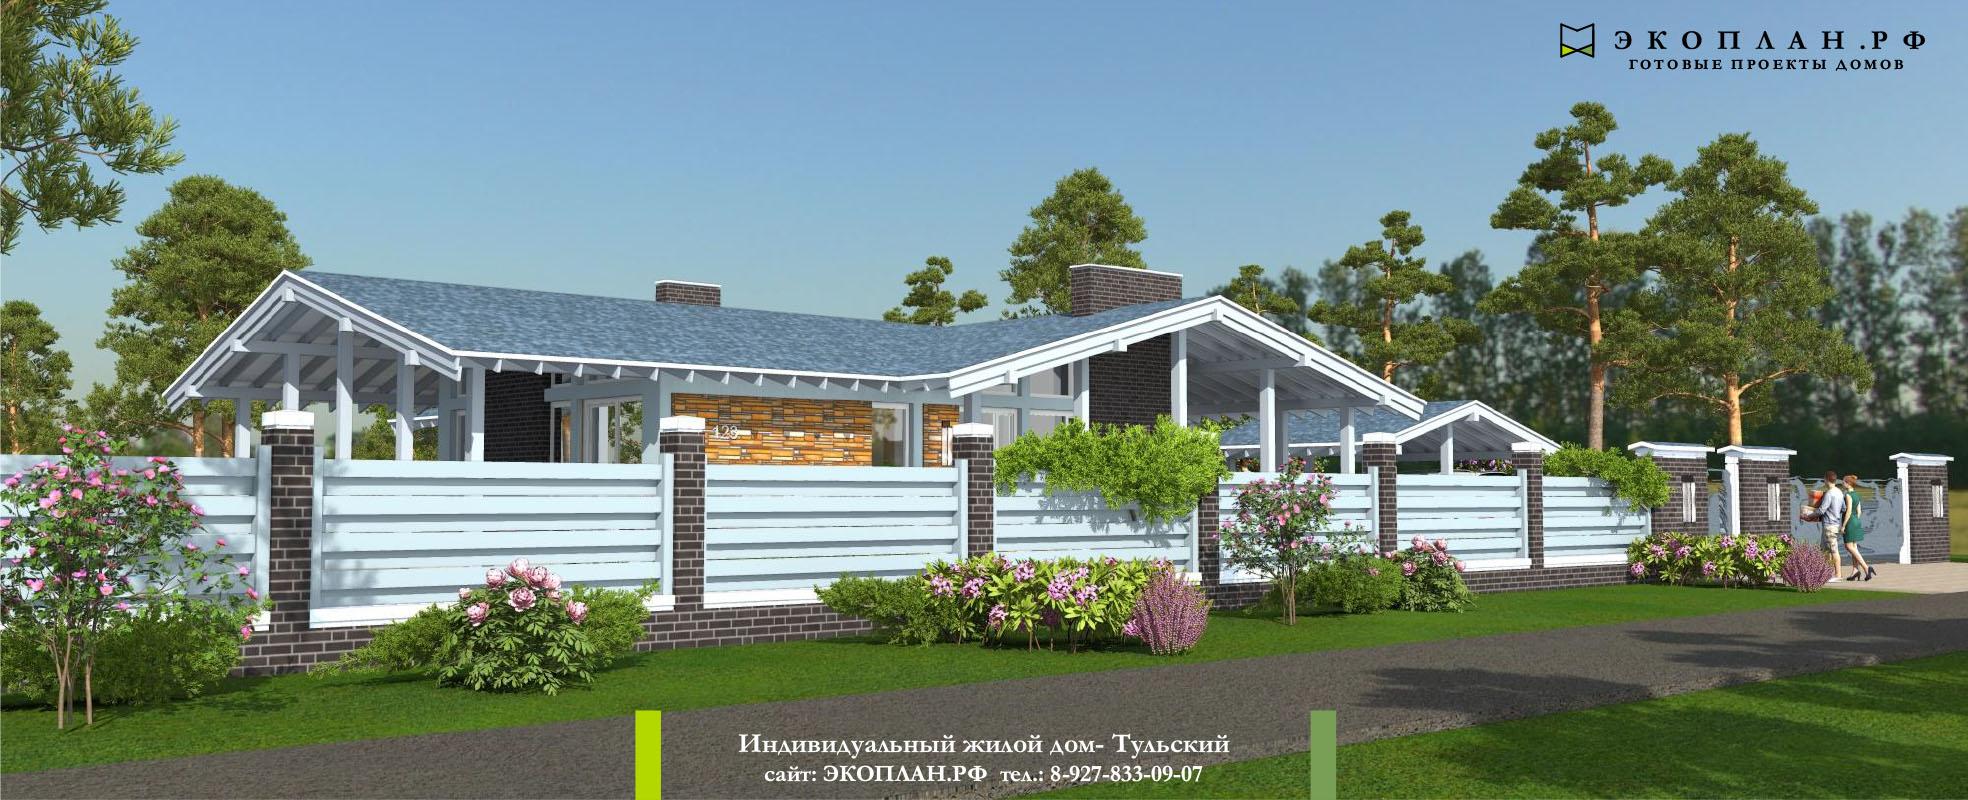 Готовый проект дома - Тульский - Экоплан фасад